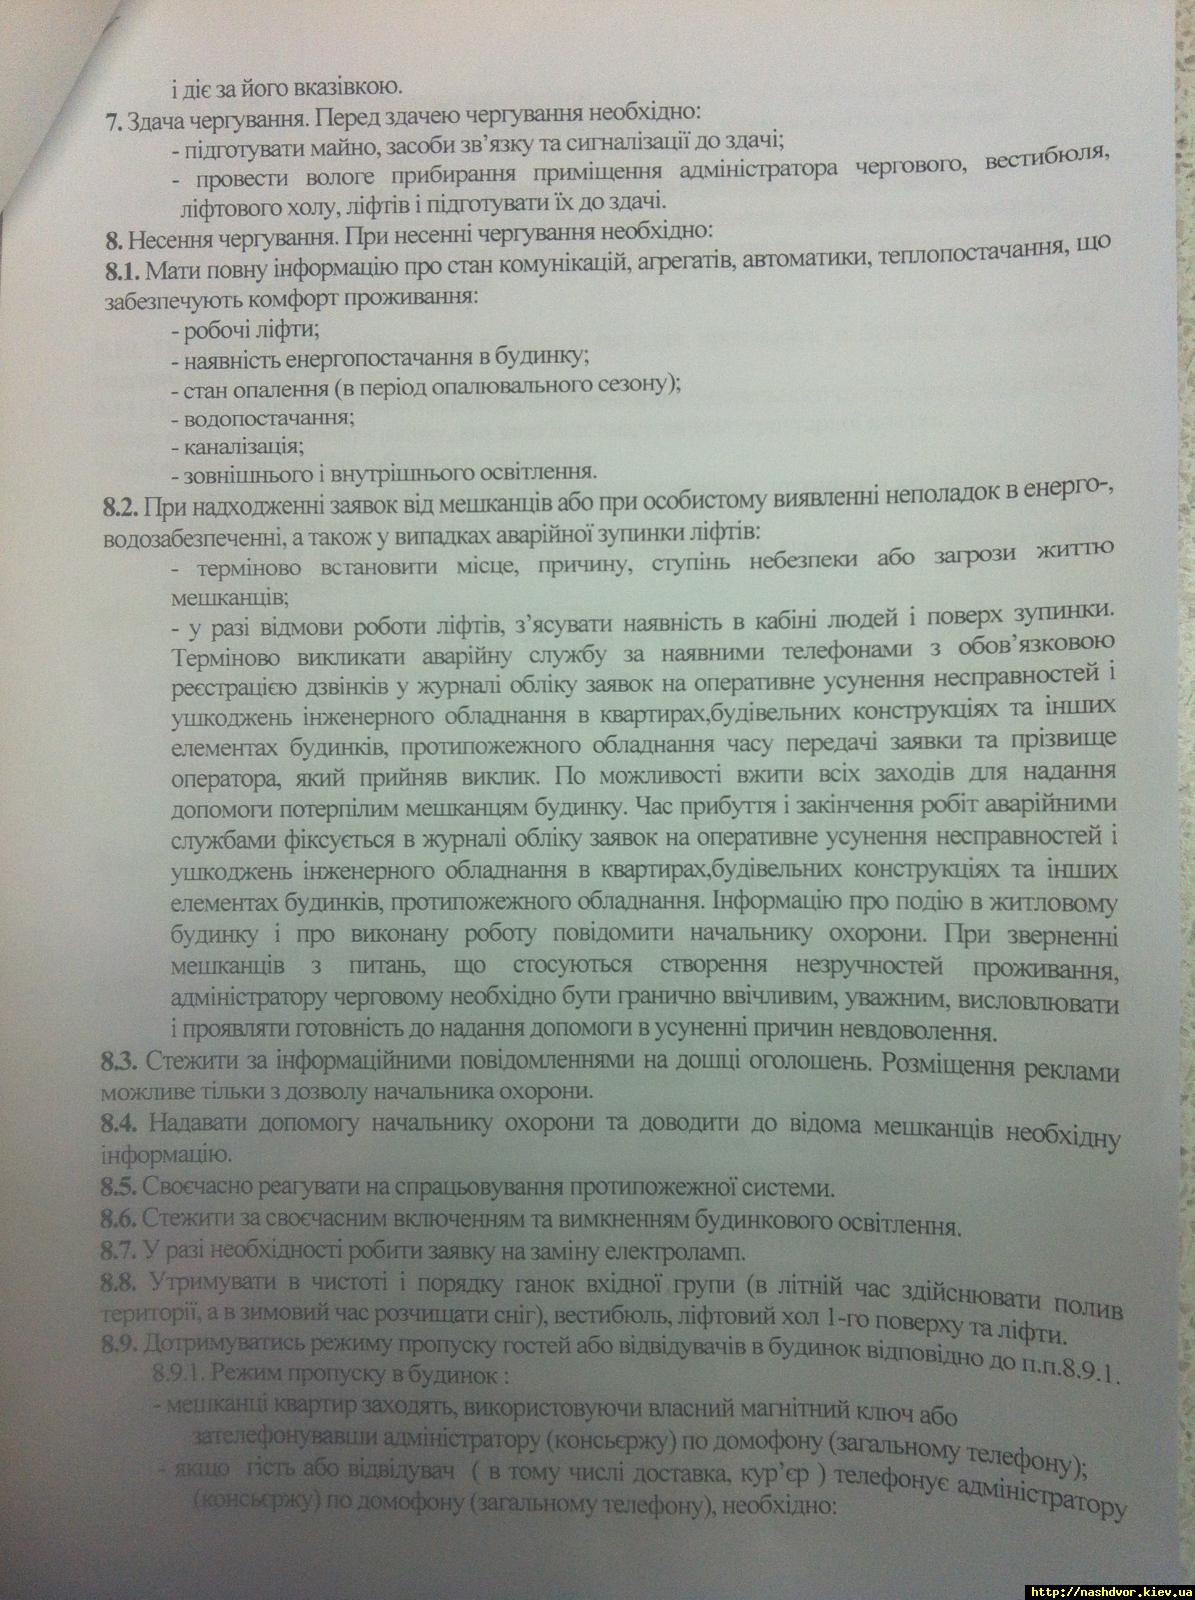 Должностная инструкция - 2.JPG